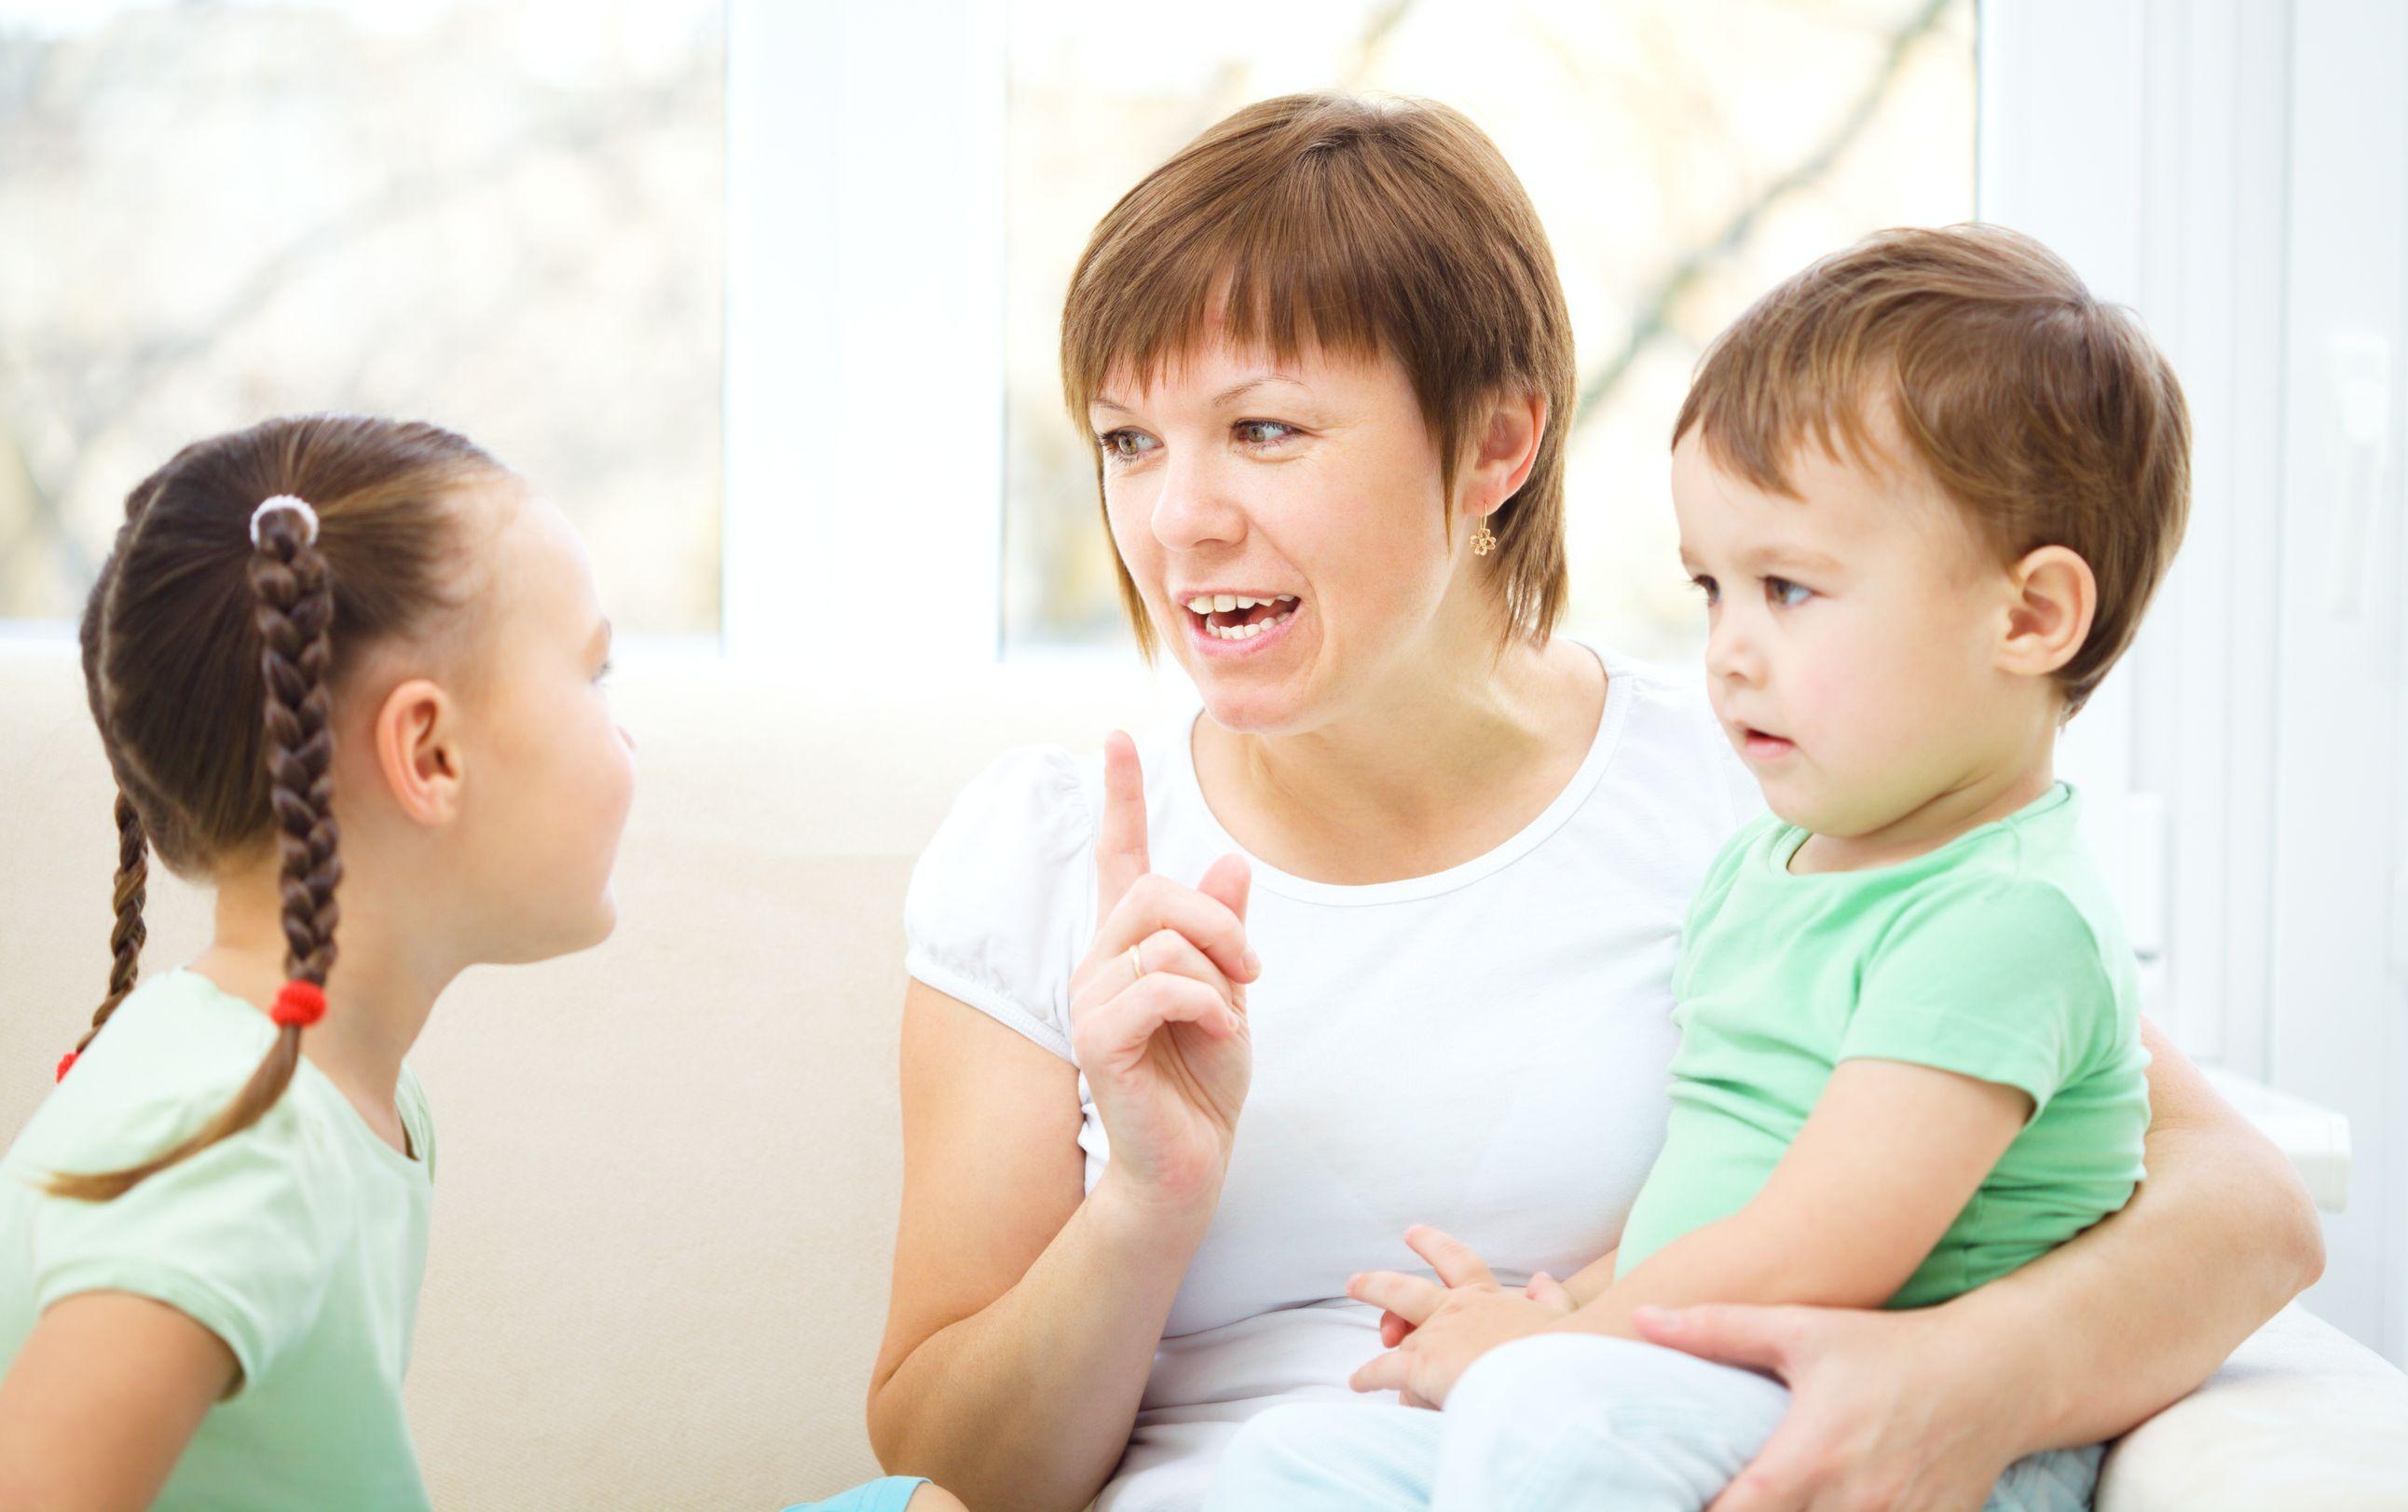 8 hazugság, amit mindig mondunk a gyerekeknek